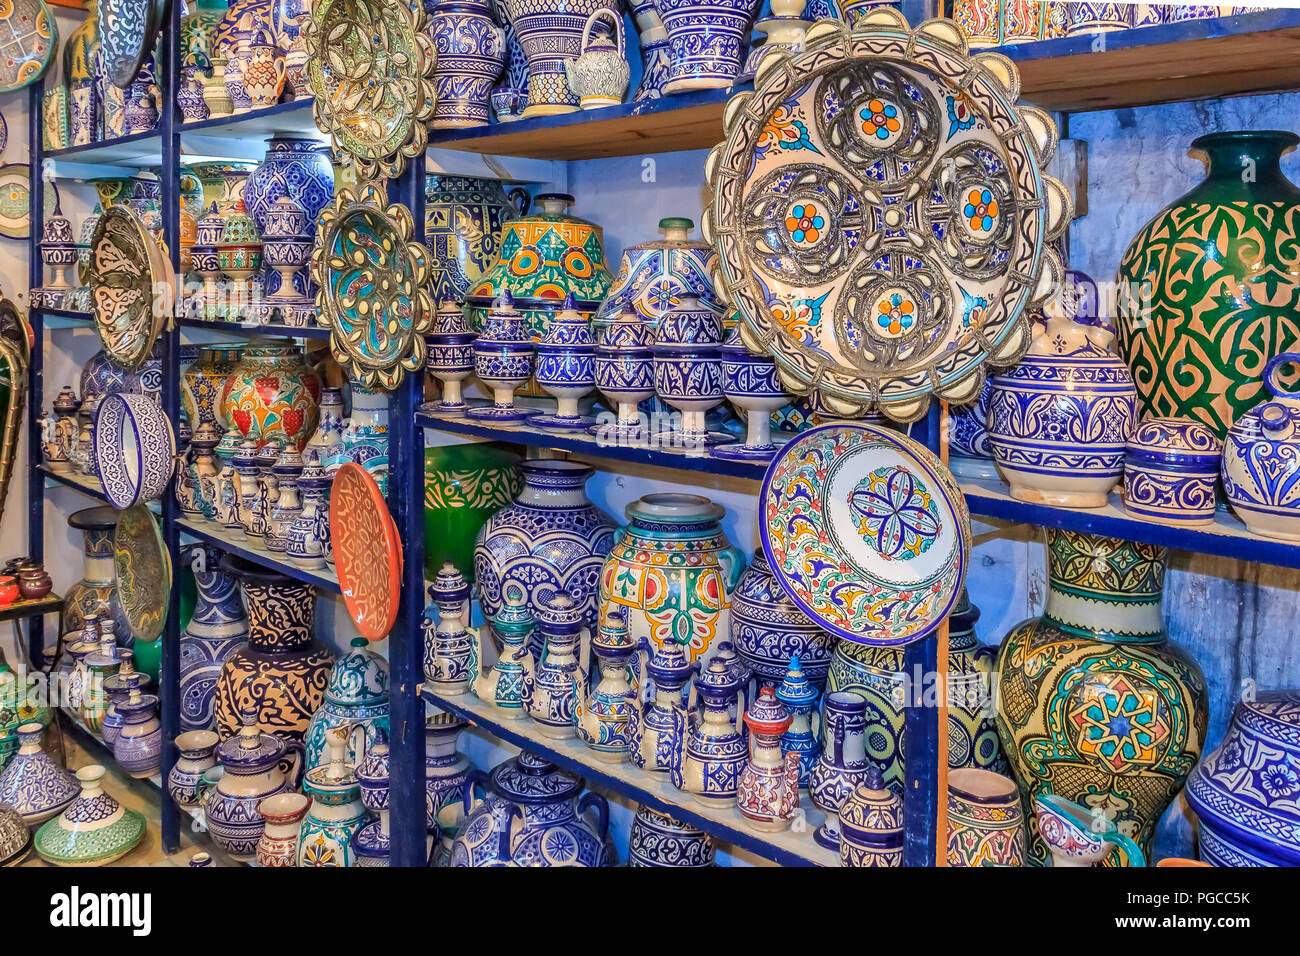 Fes marocco 11 maggio 2013: marocchina ceramica artigianato sul